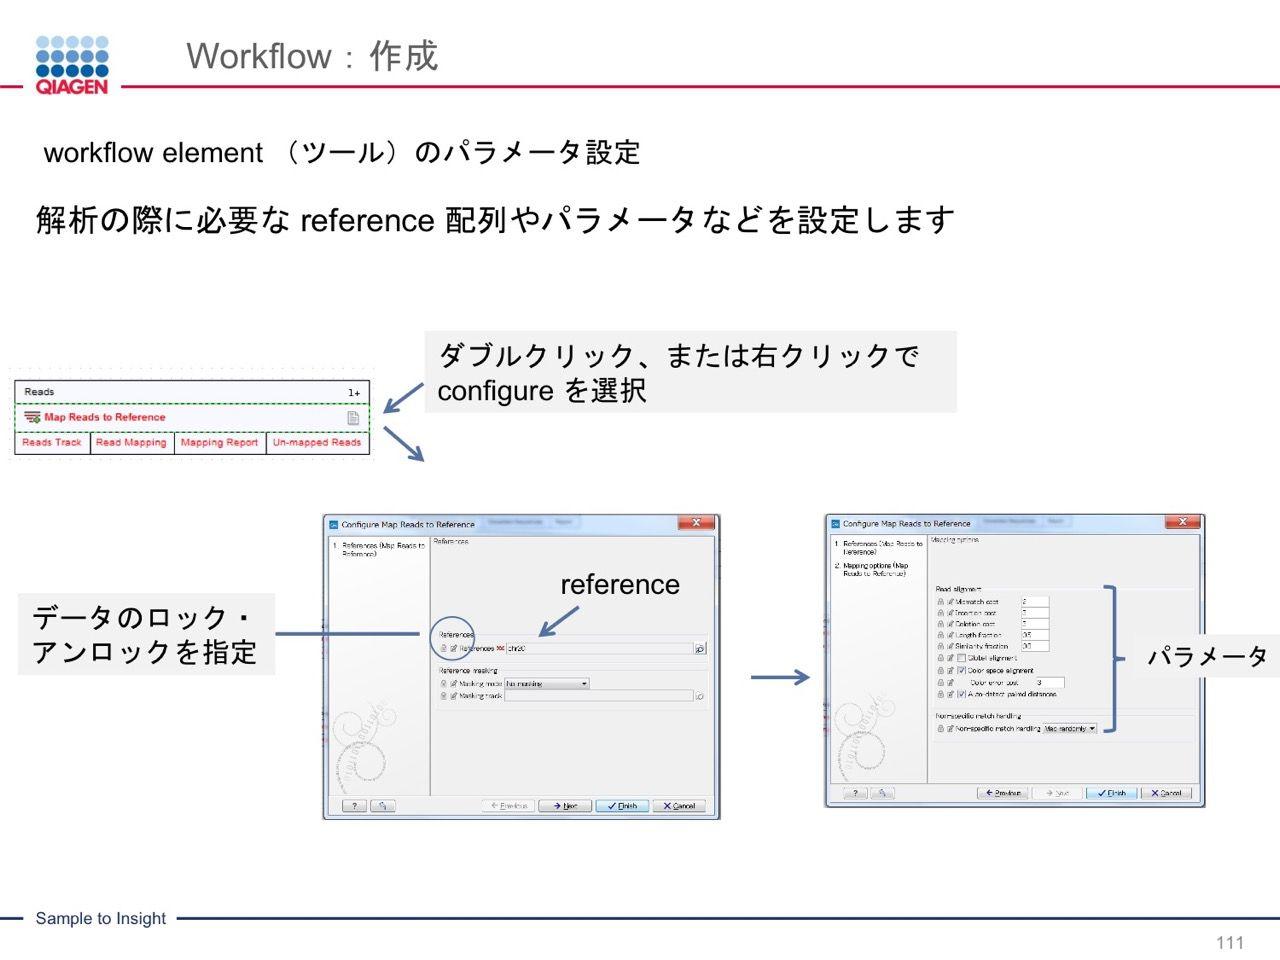 images/AJACSa2_miyamoto_111.jpg